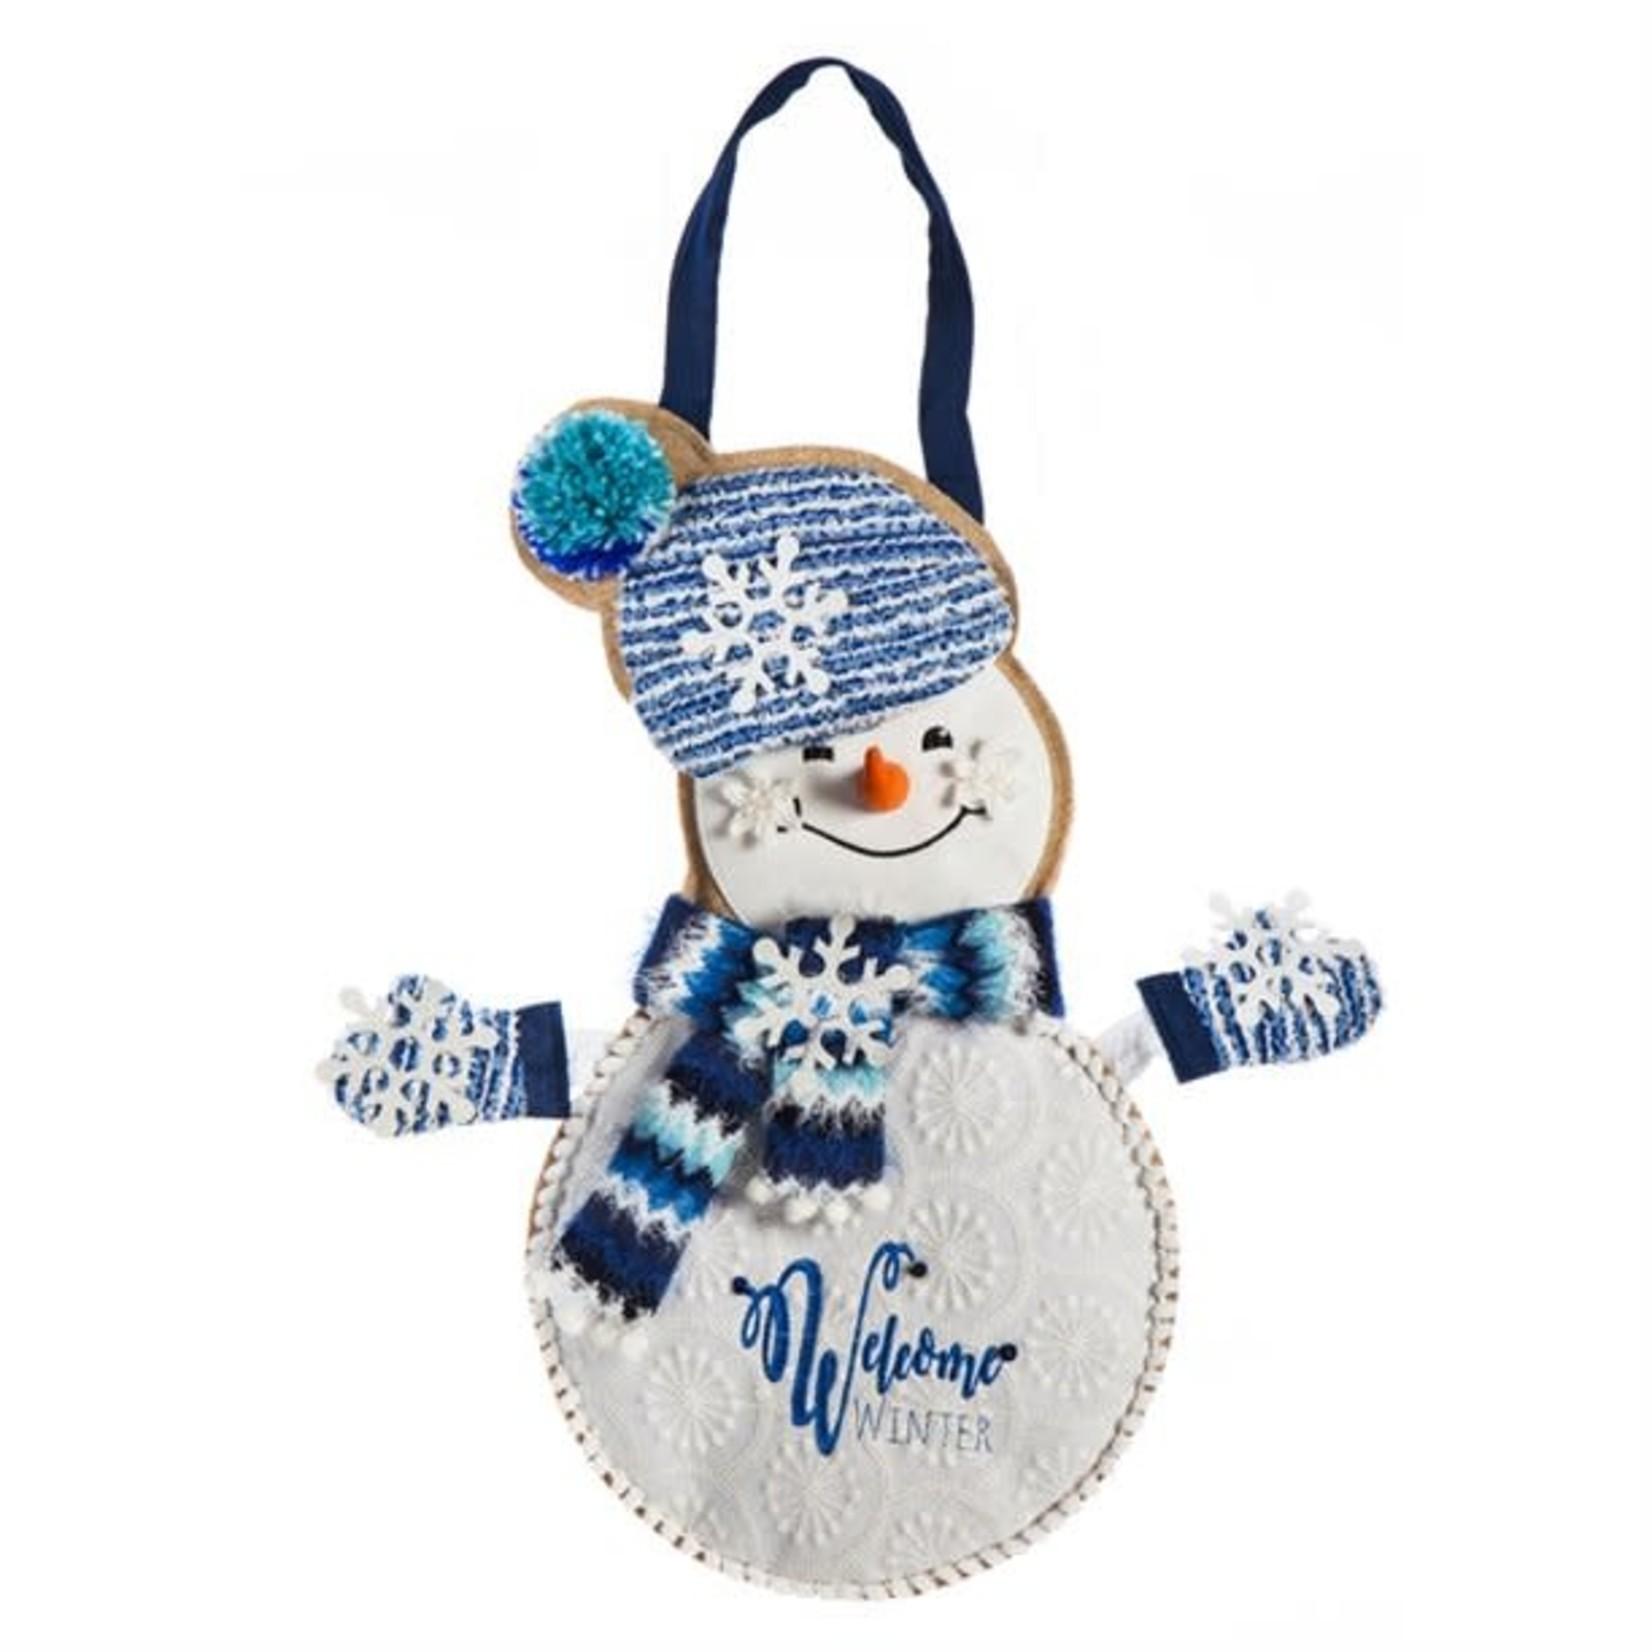 # DOOR DECOR WINTER SNOWMAN